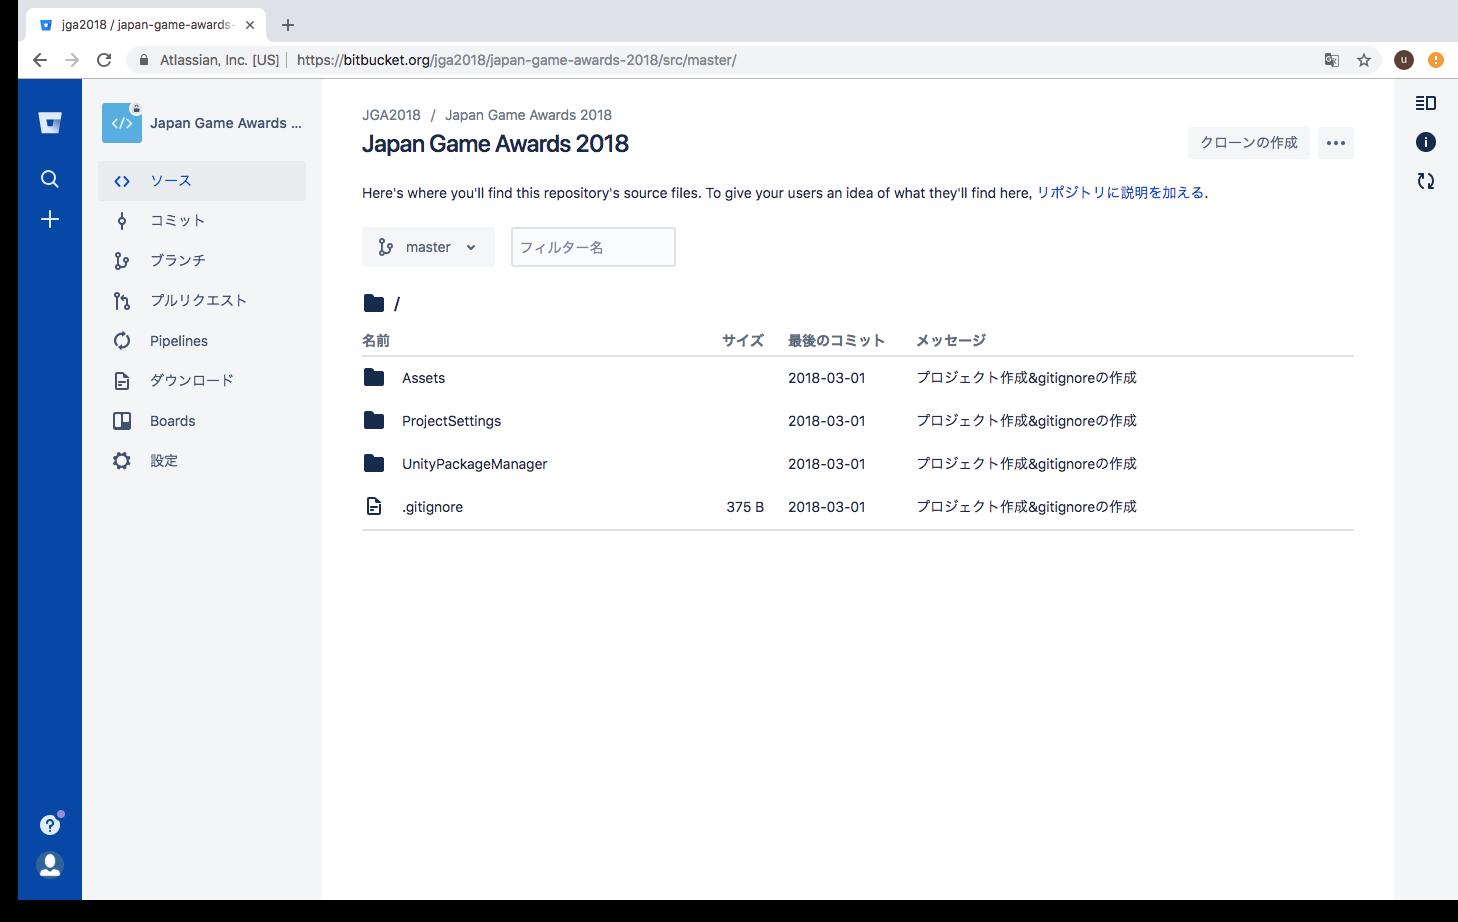 スクリーンショット 2019-01-18 0.43.03.png